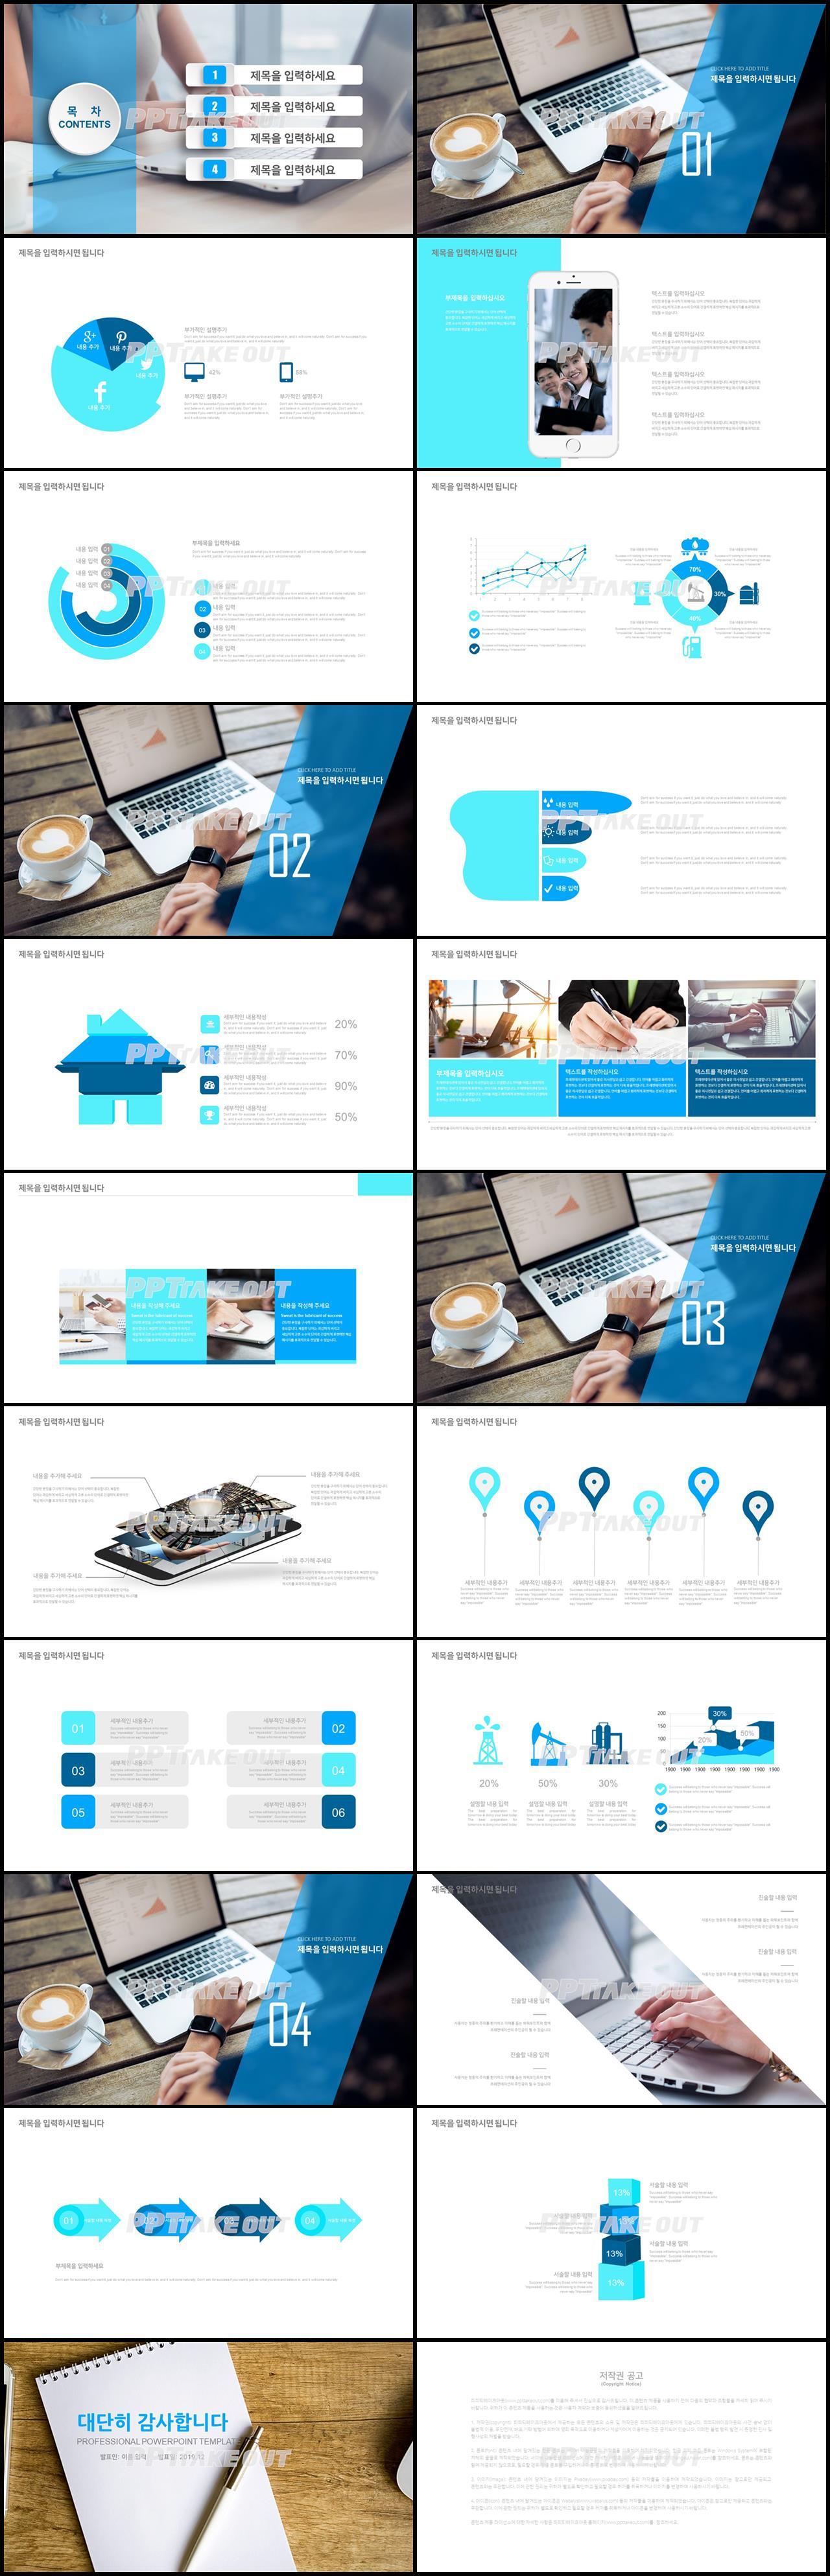 업무보고 파란색 현대적인 고급형 피피티탬플릿 디자인 상세보기